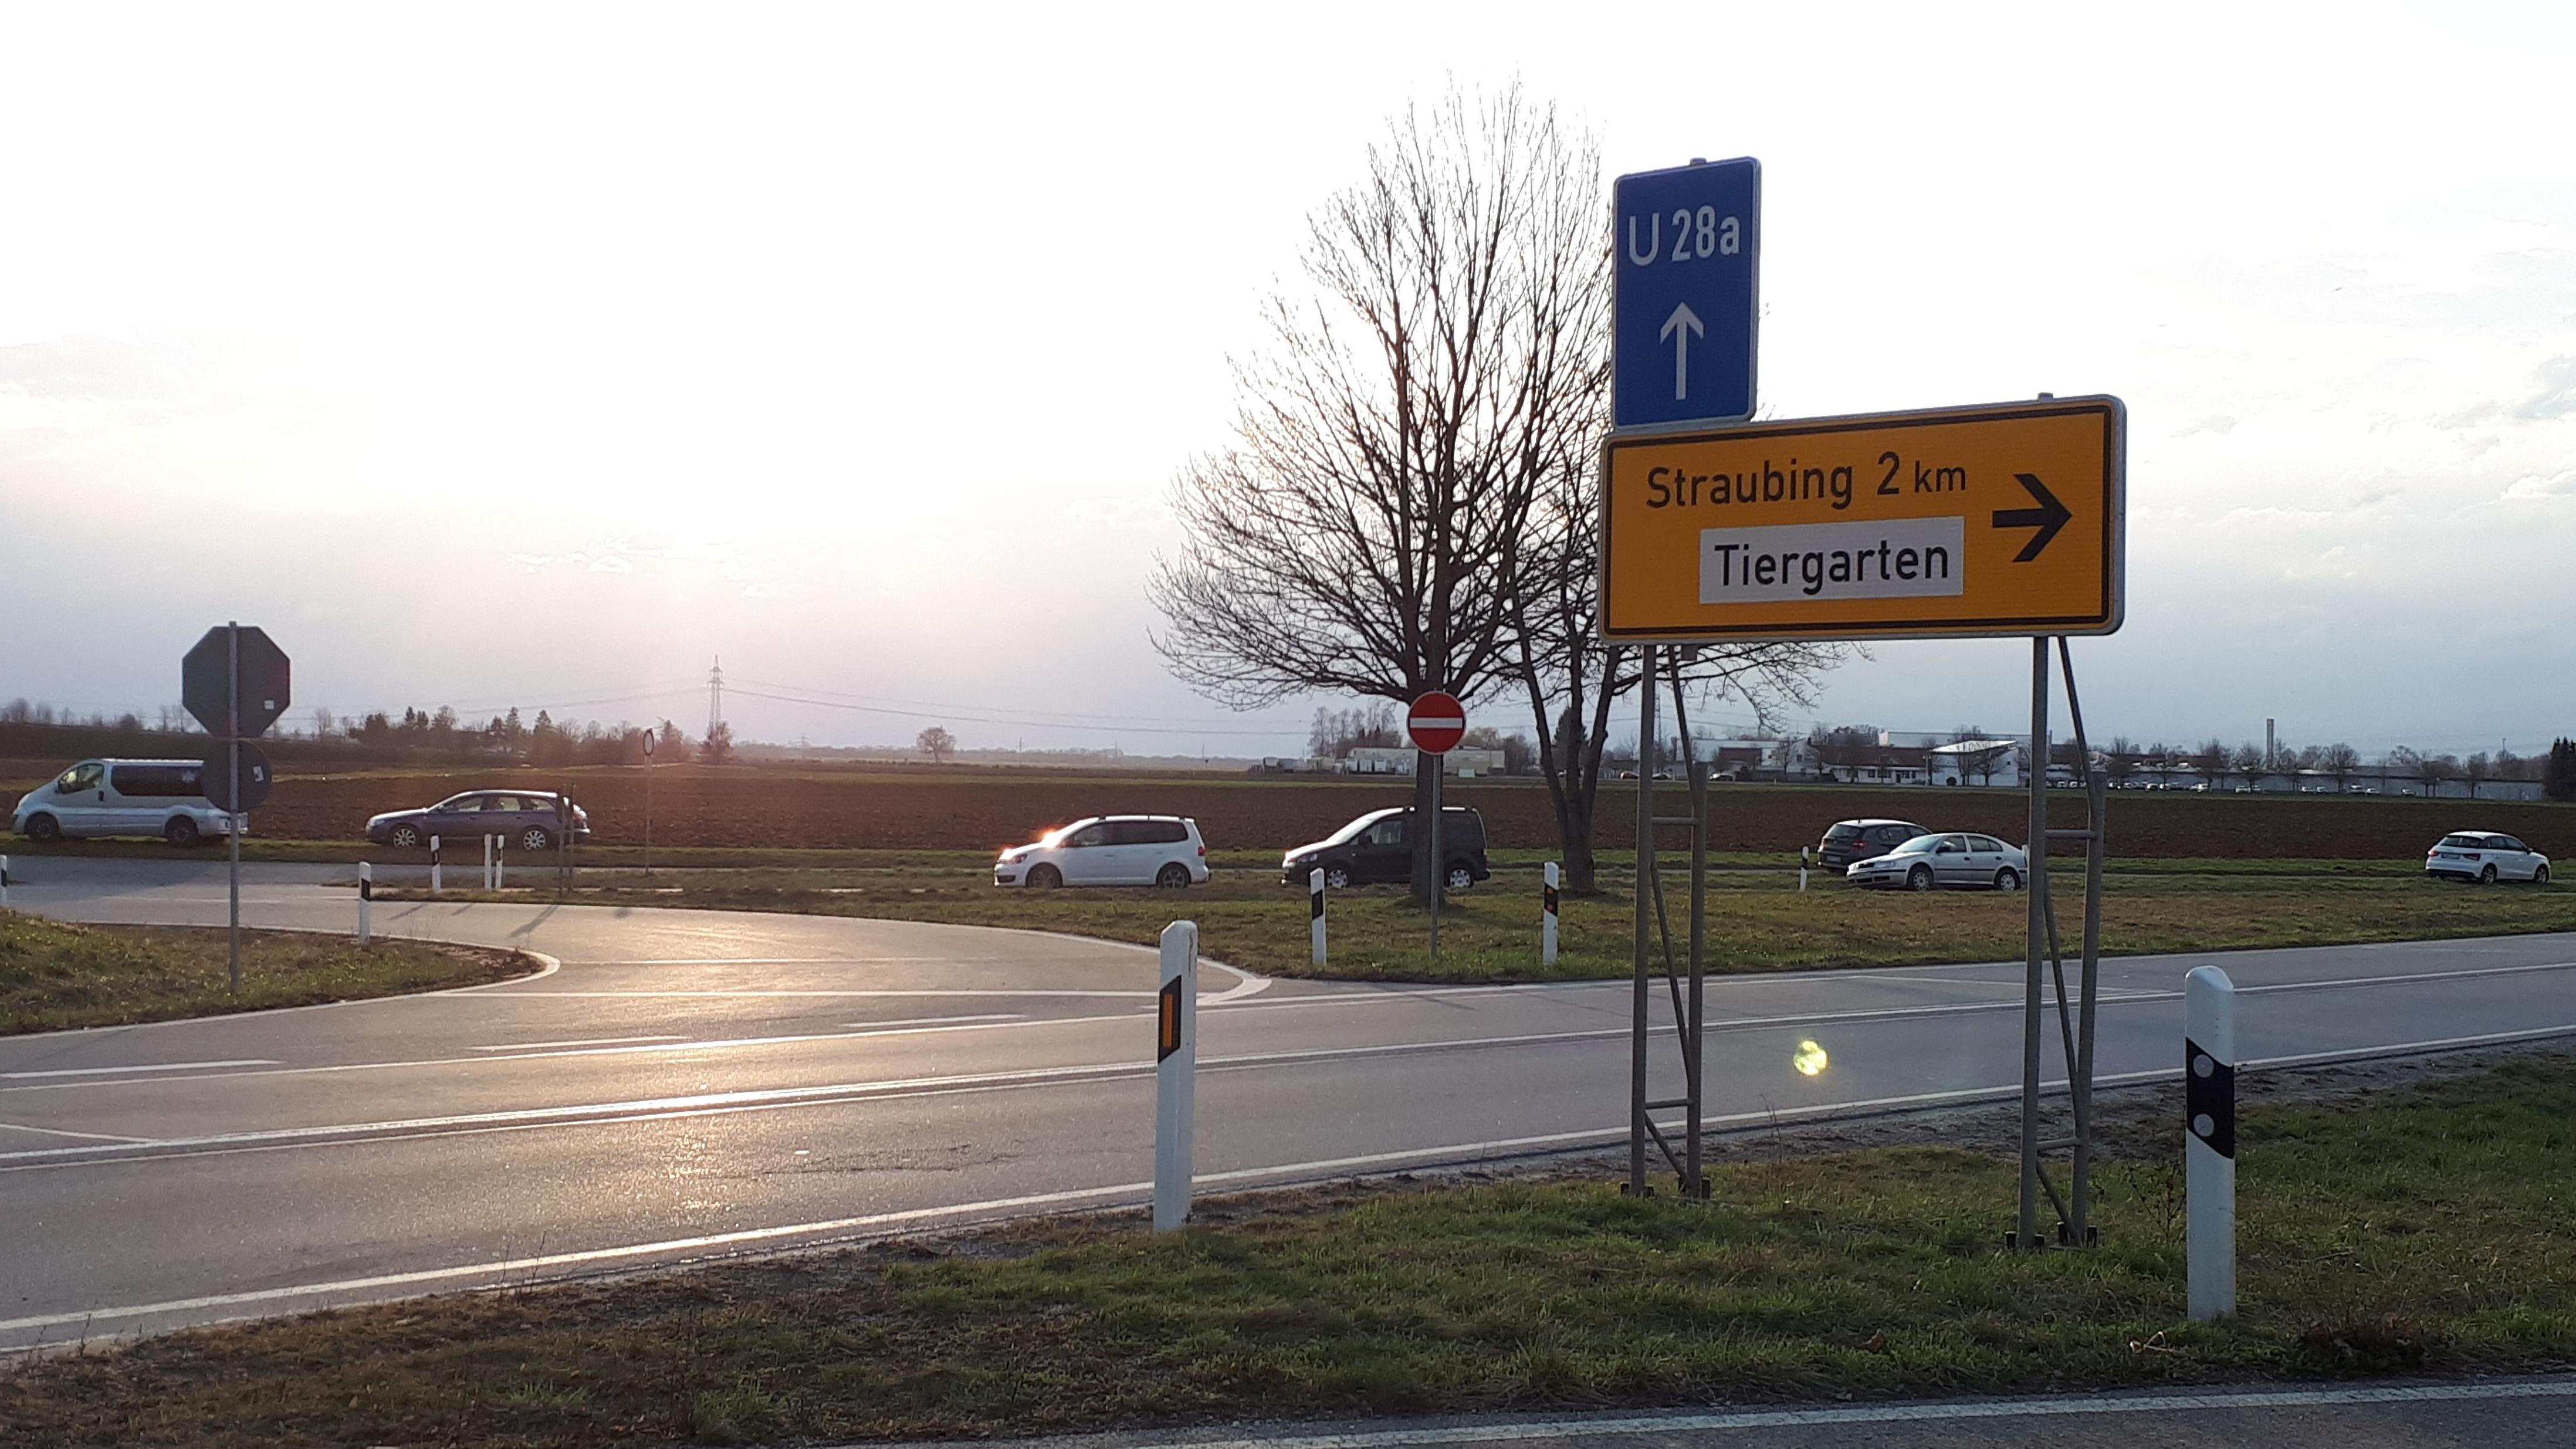 Die Besucher parken gefährlich an der B8, weil es zu wenig Parkplätze beim Tierpark gibt.